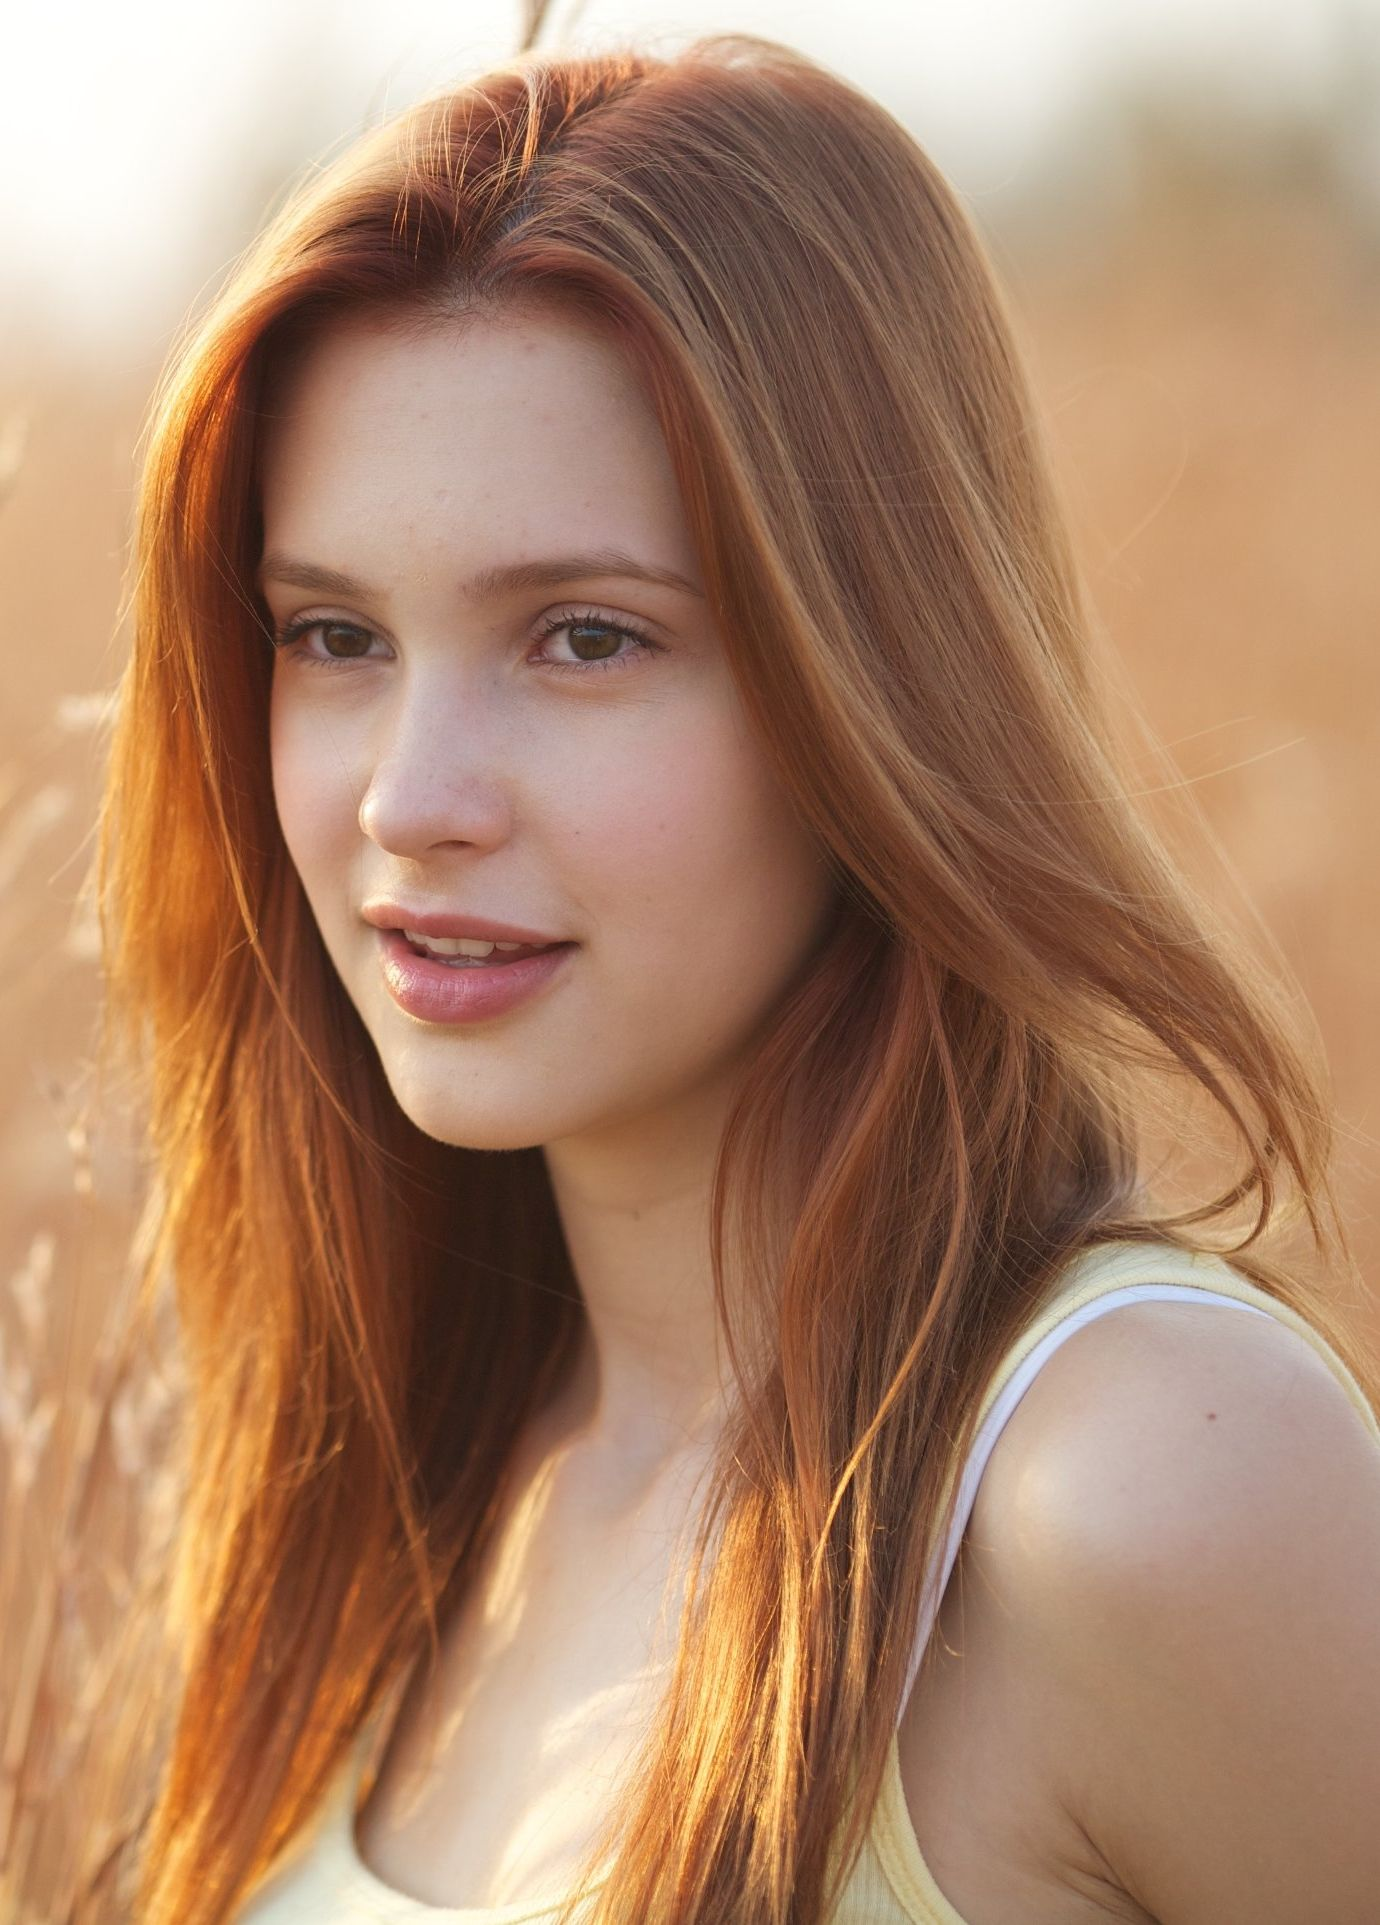 Фото картинки красивых девочек 16 фотография